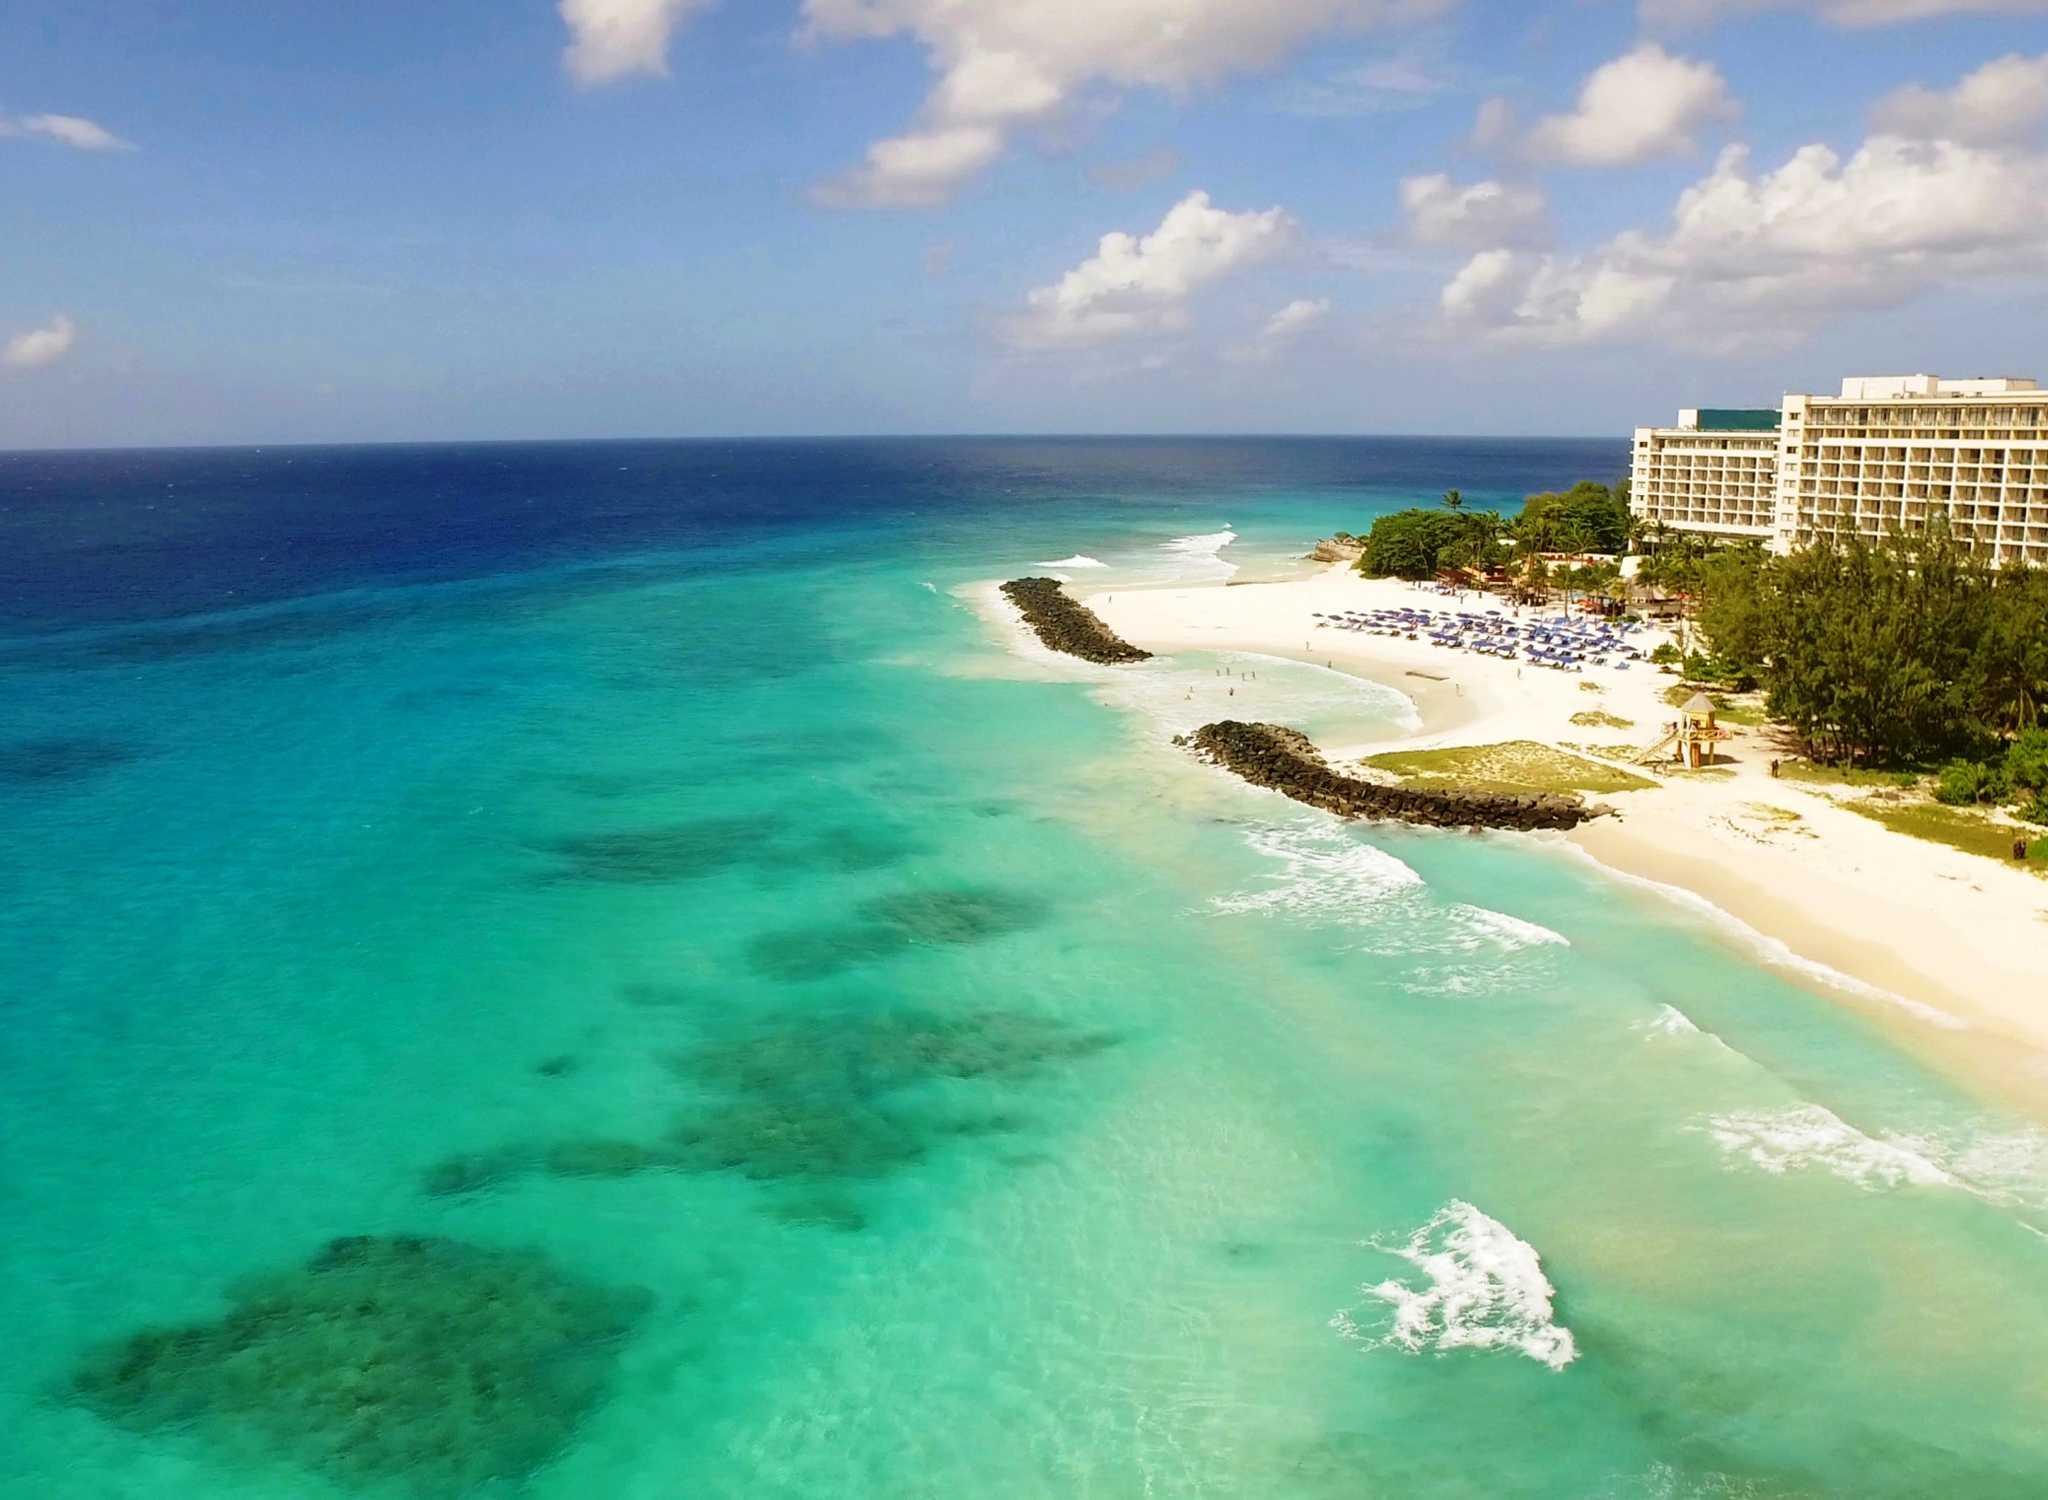 The Beach Plaza Hotel Miami